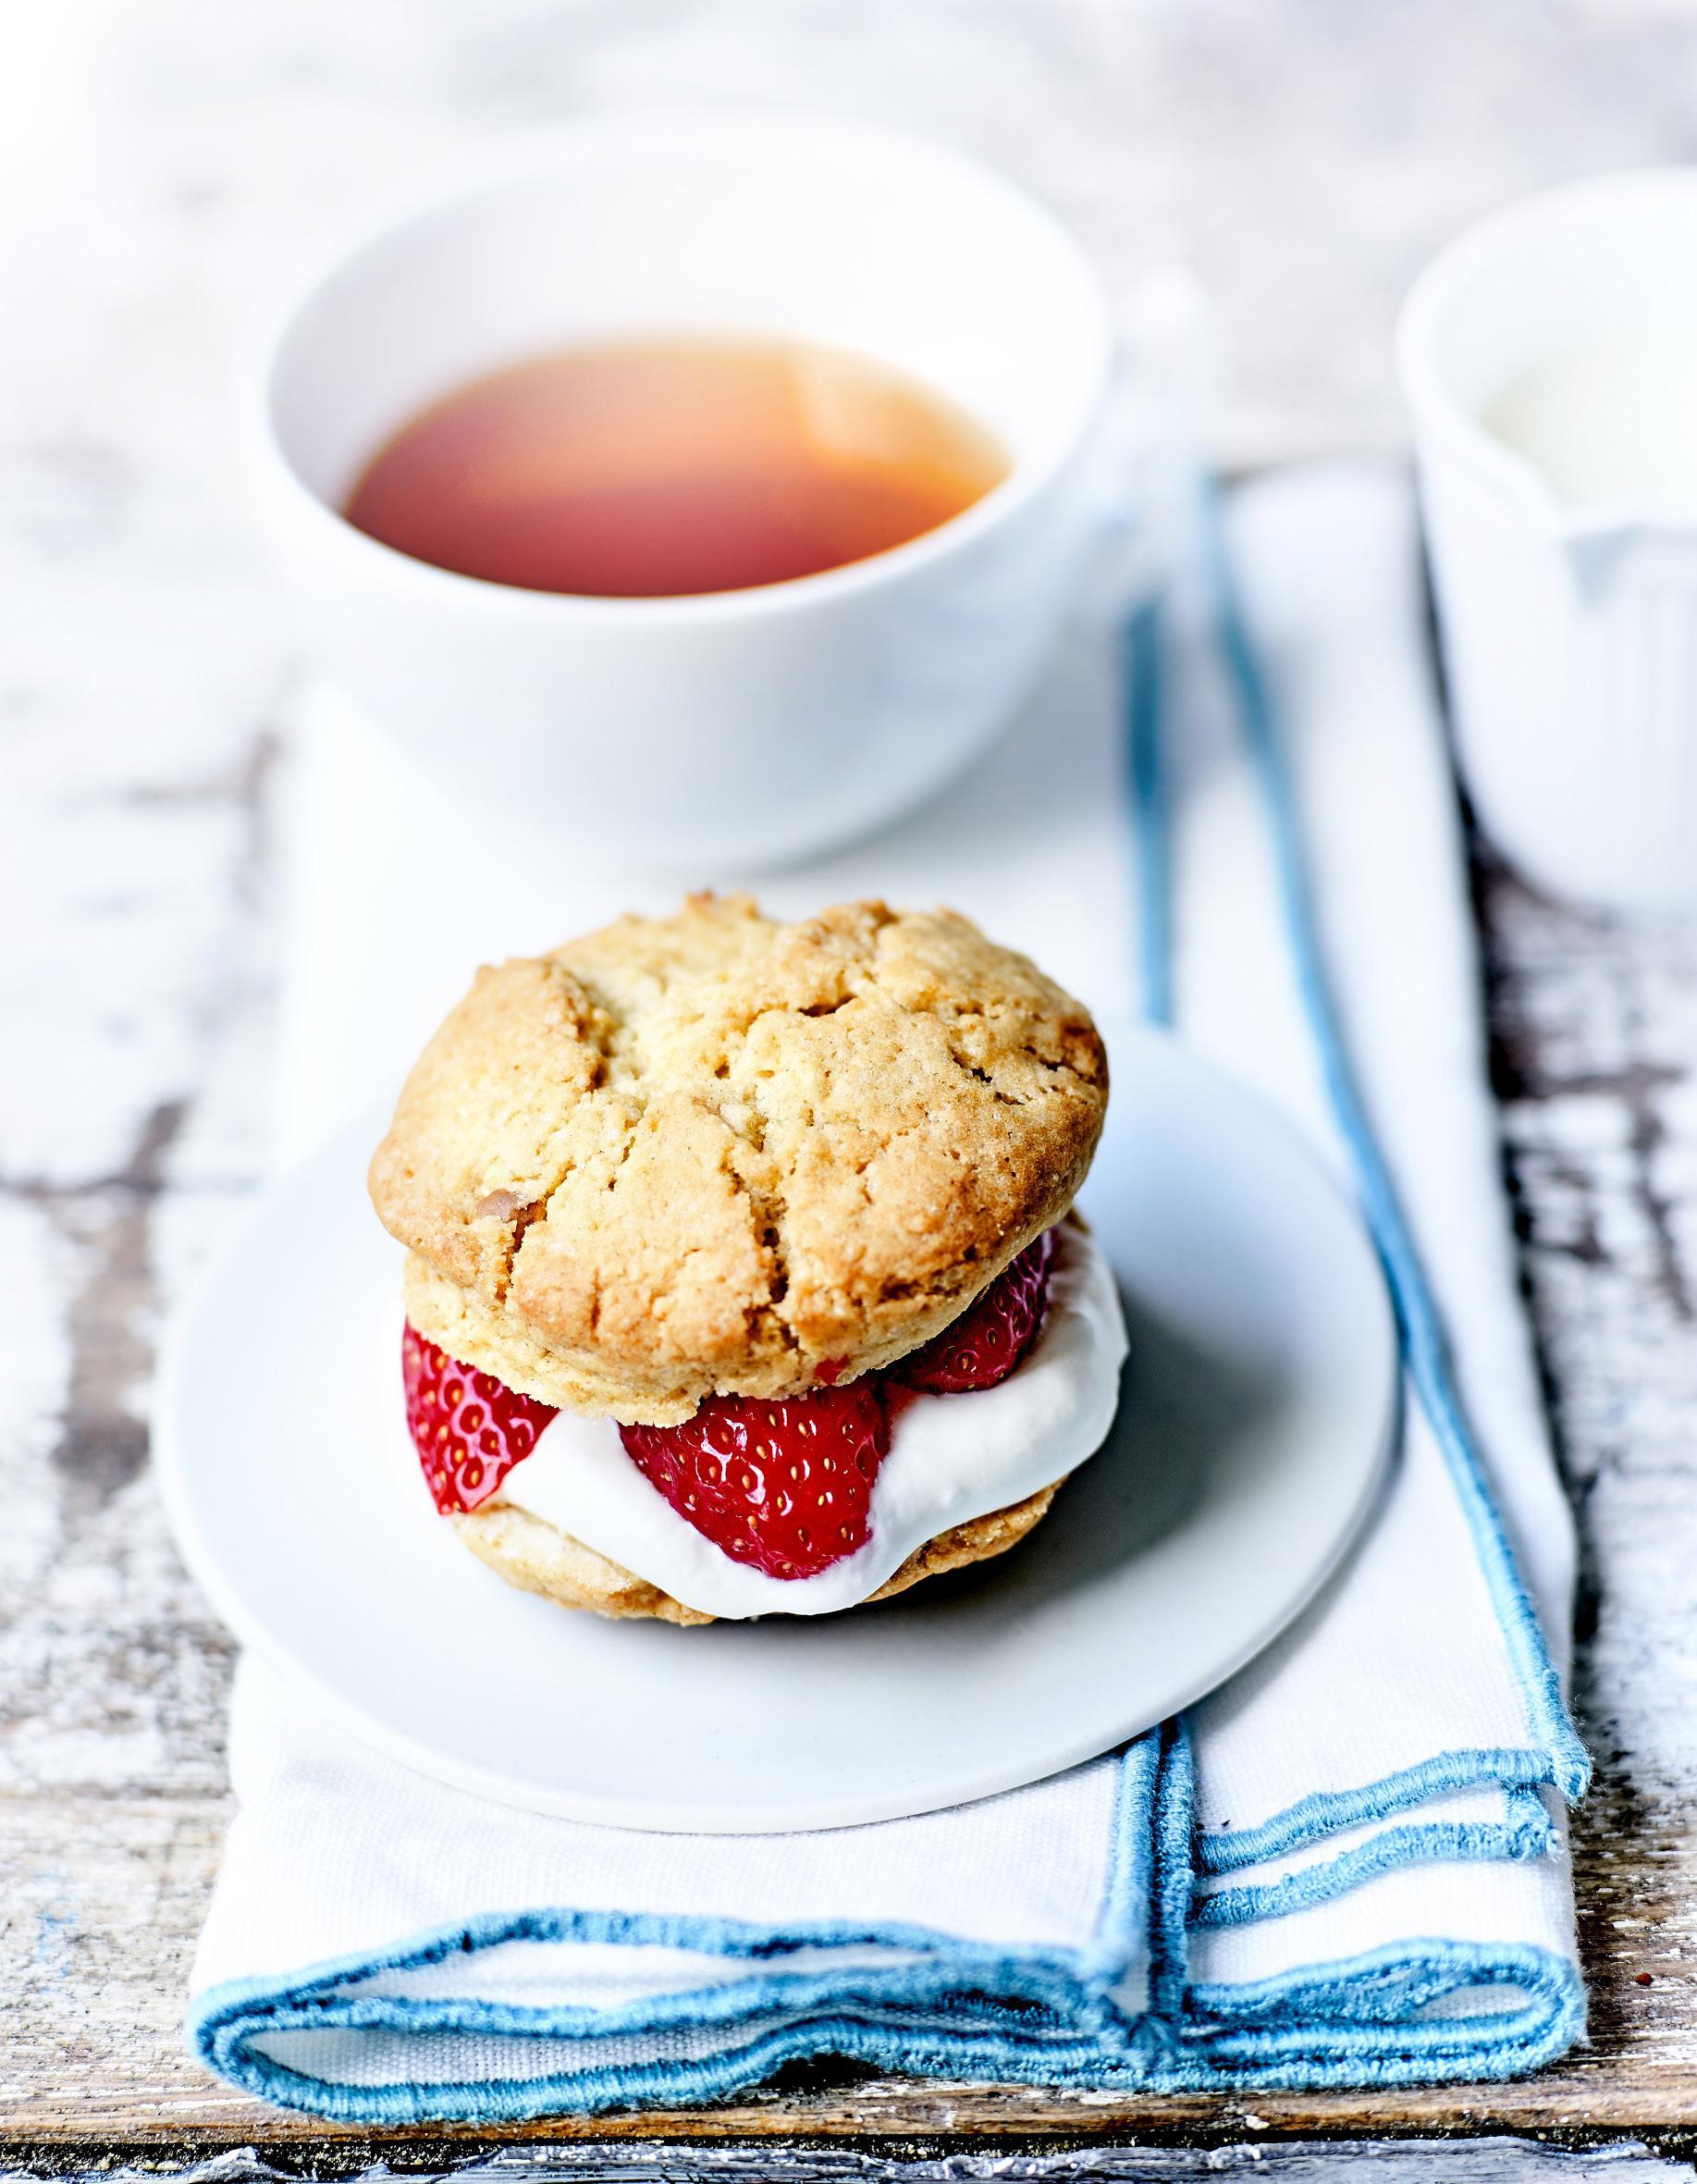 Biscuits cr me fouett e fraises pour 4 personnes recettes elle table - Site de recettes cuisine ...